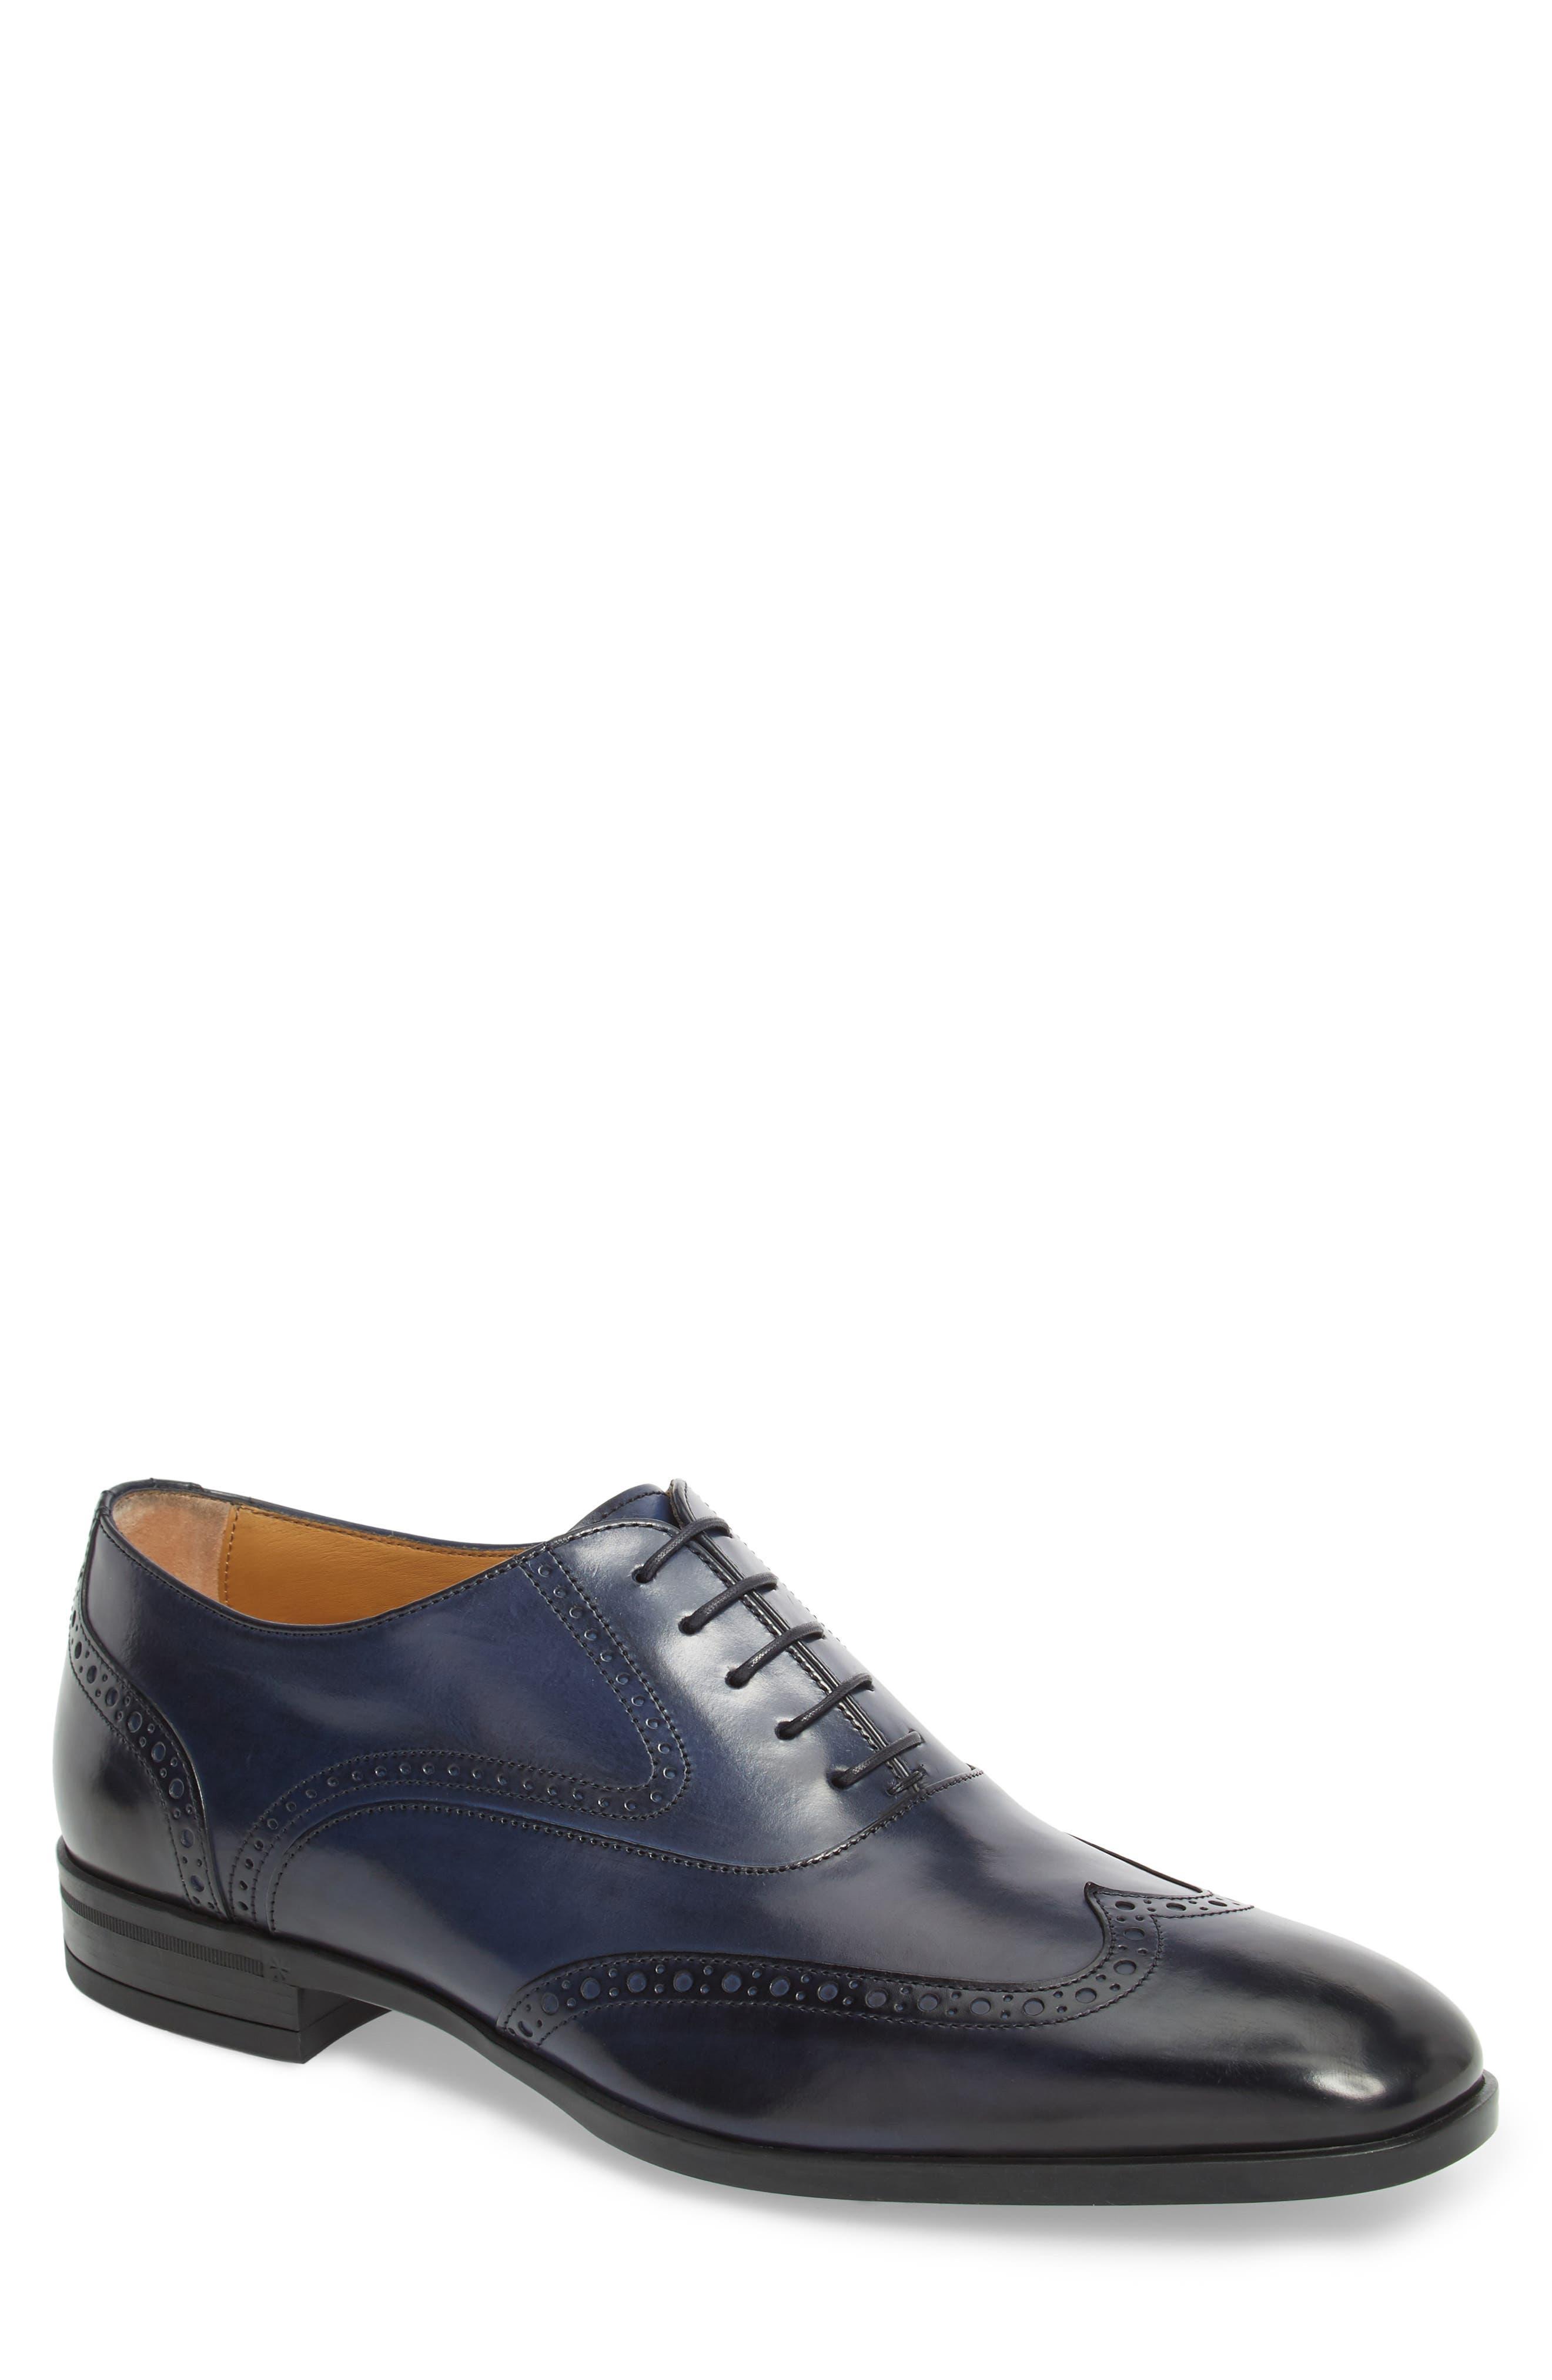 Portland Wingtip,                         Main,                         color, Dark Blue Leather